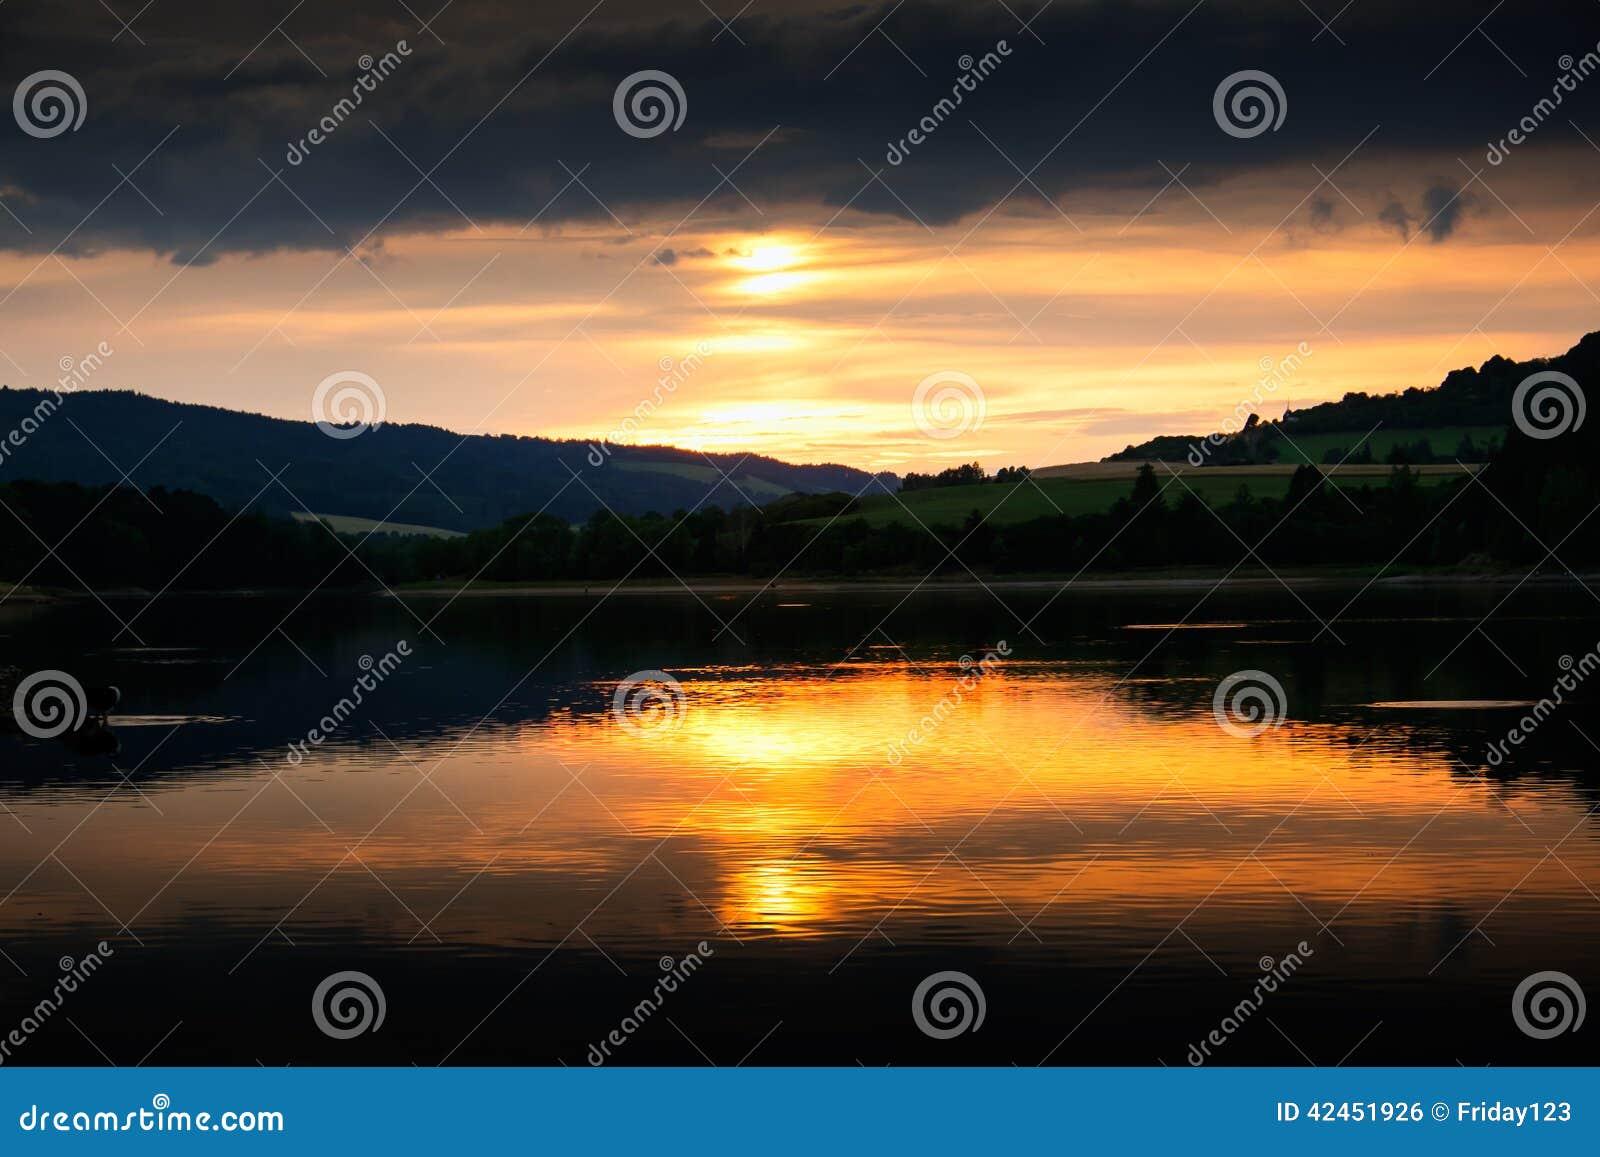 Reflexion des Sonnenuntergangs auf der Wasseroberfläche